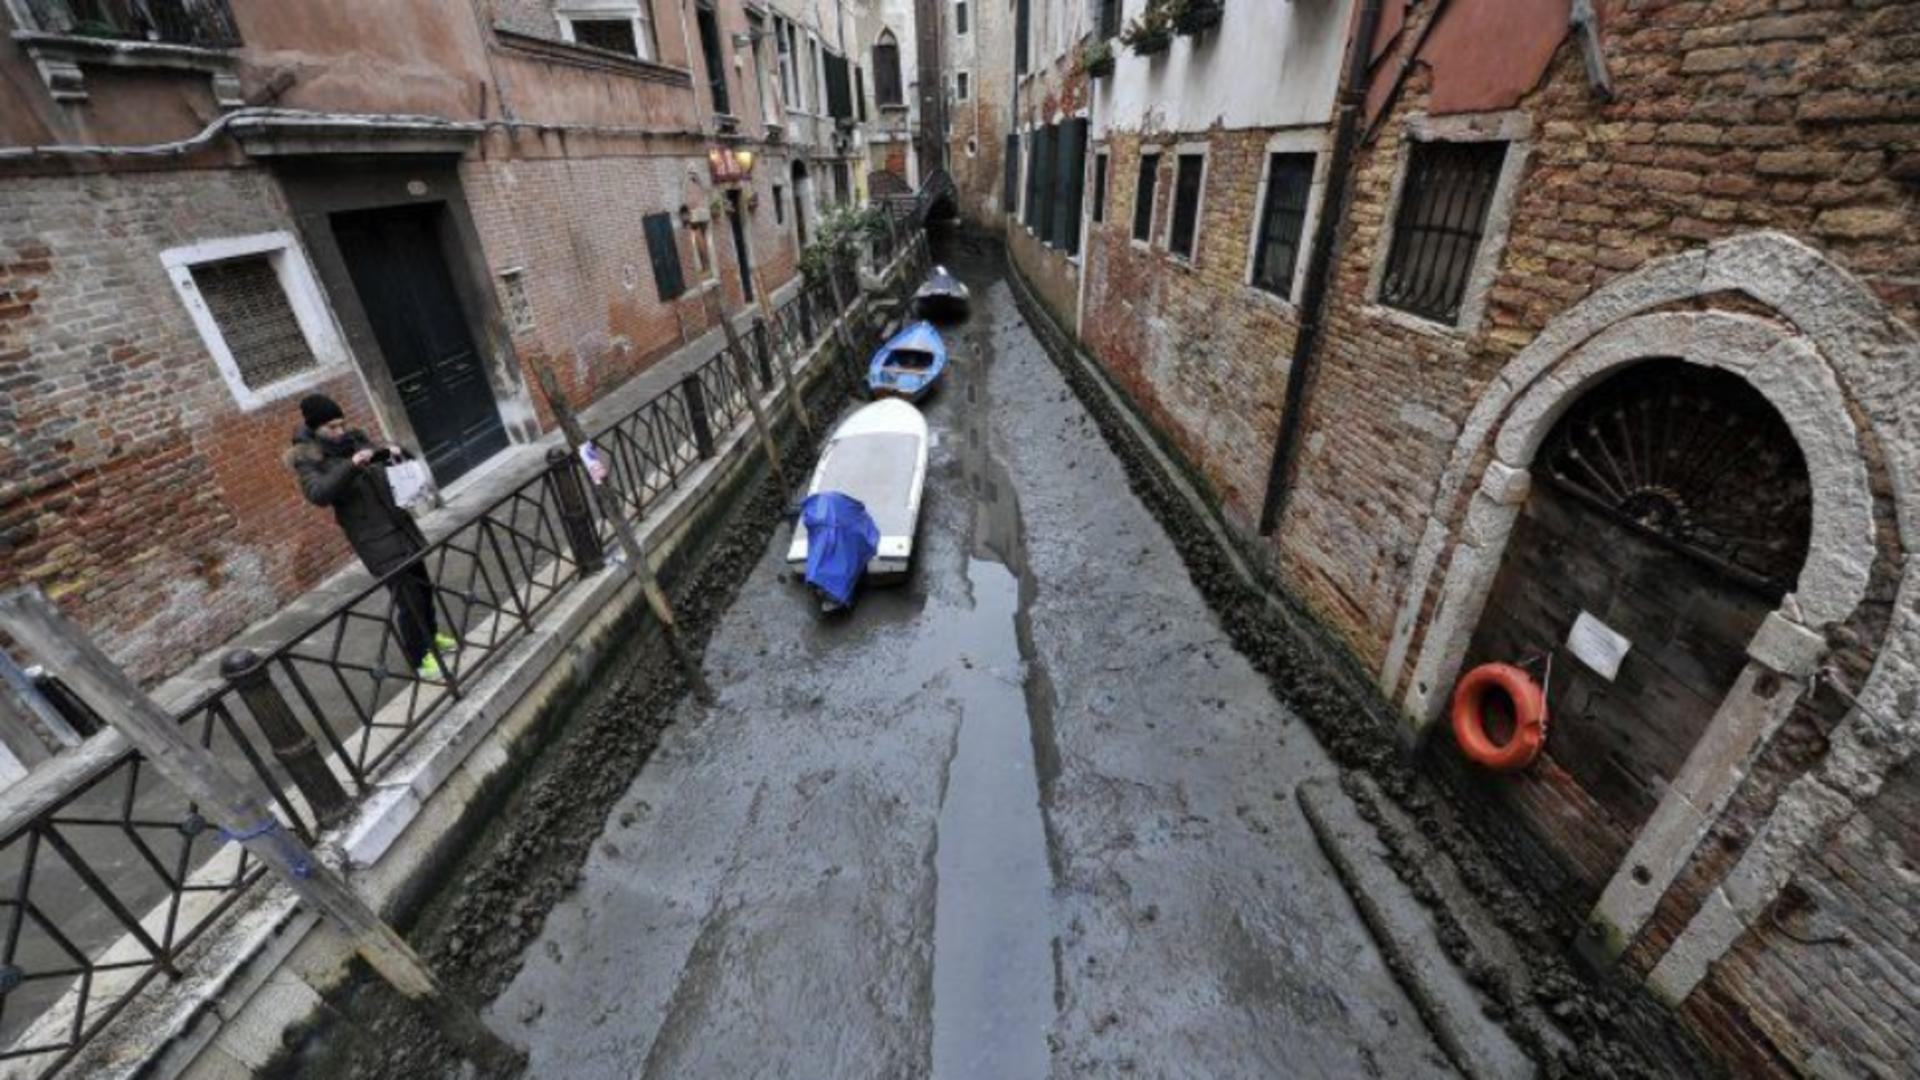 Canalele navigabile ale Veneției au secat Foto Pinterest